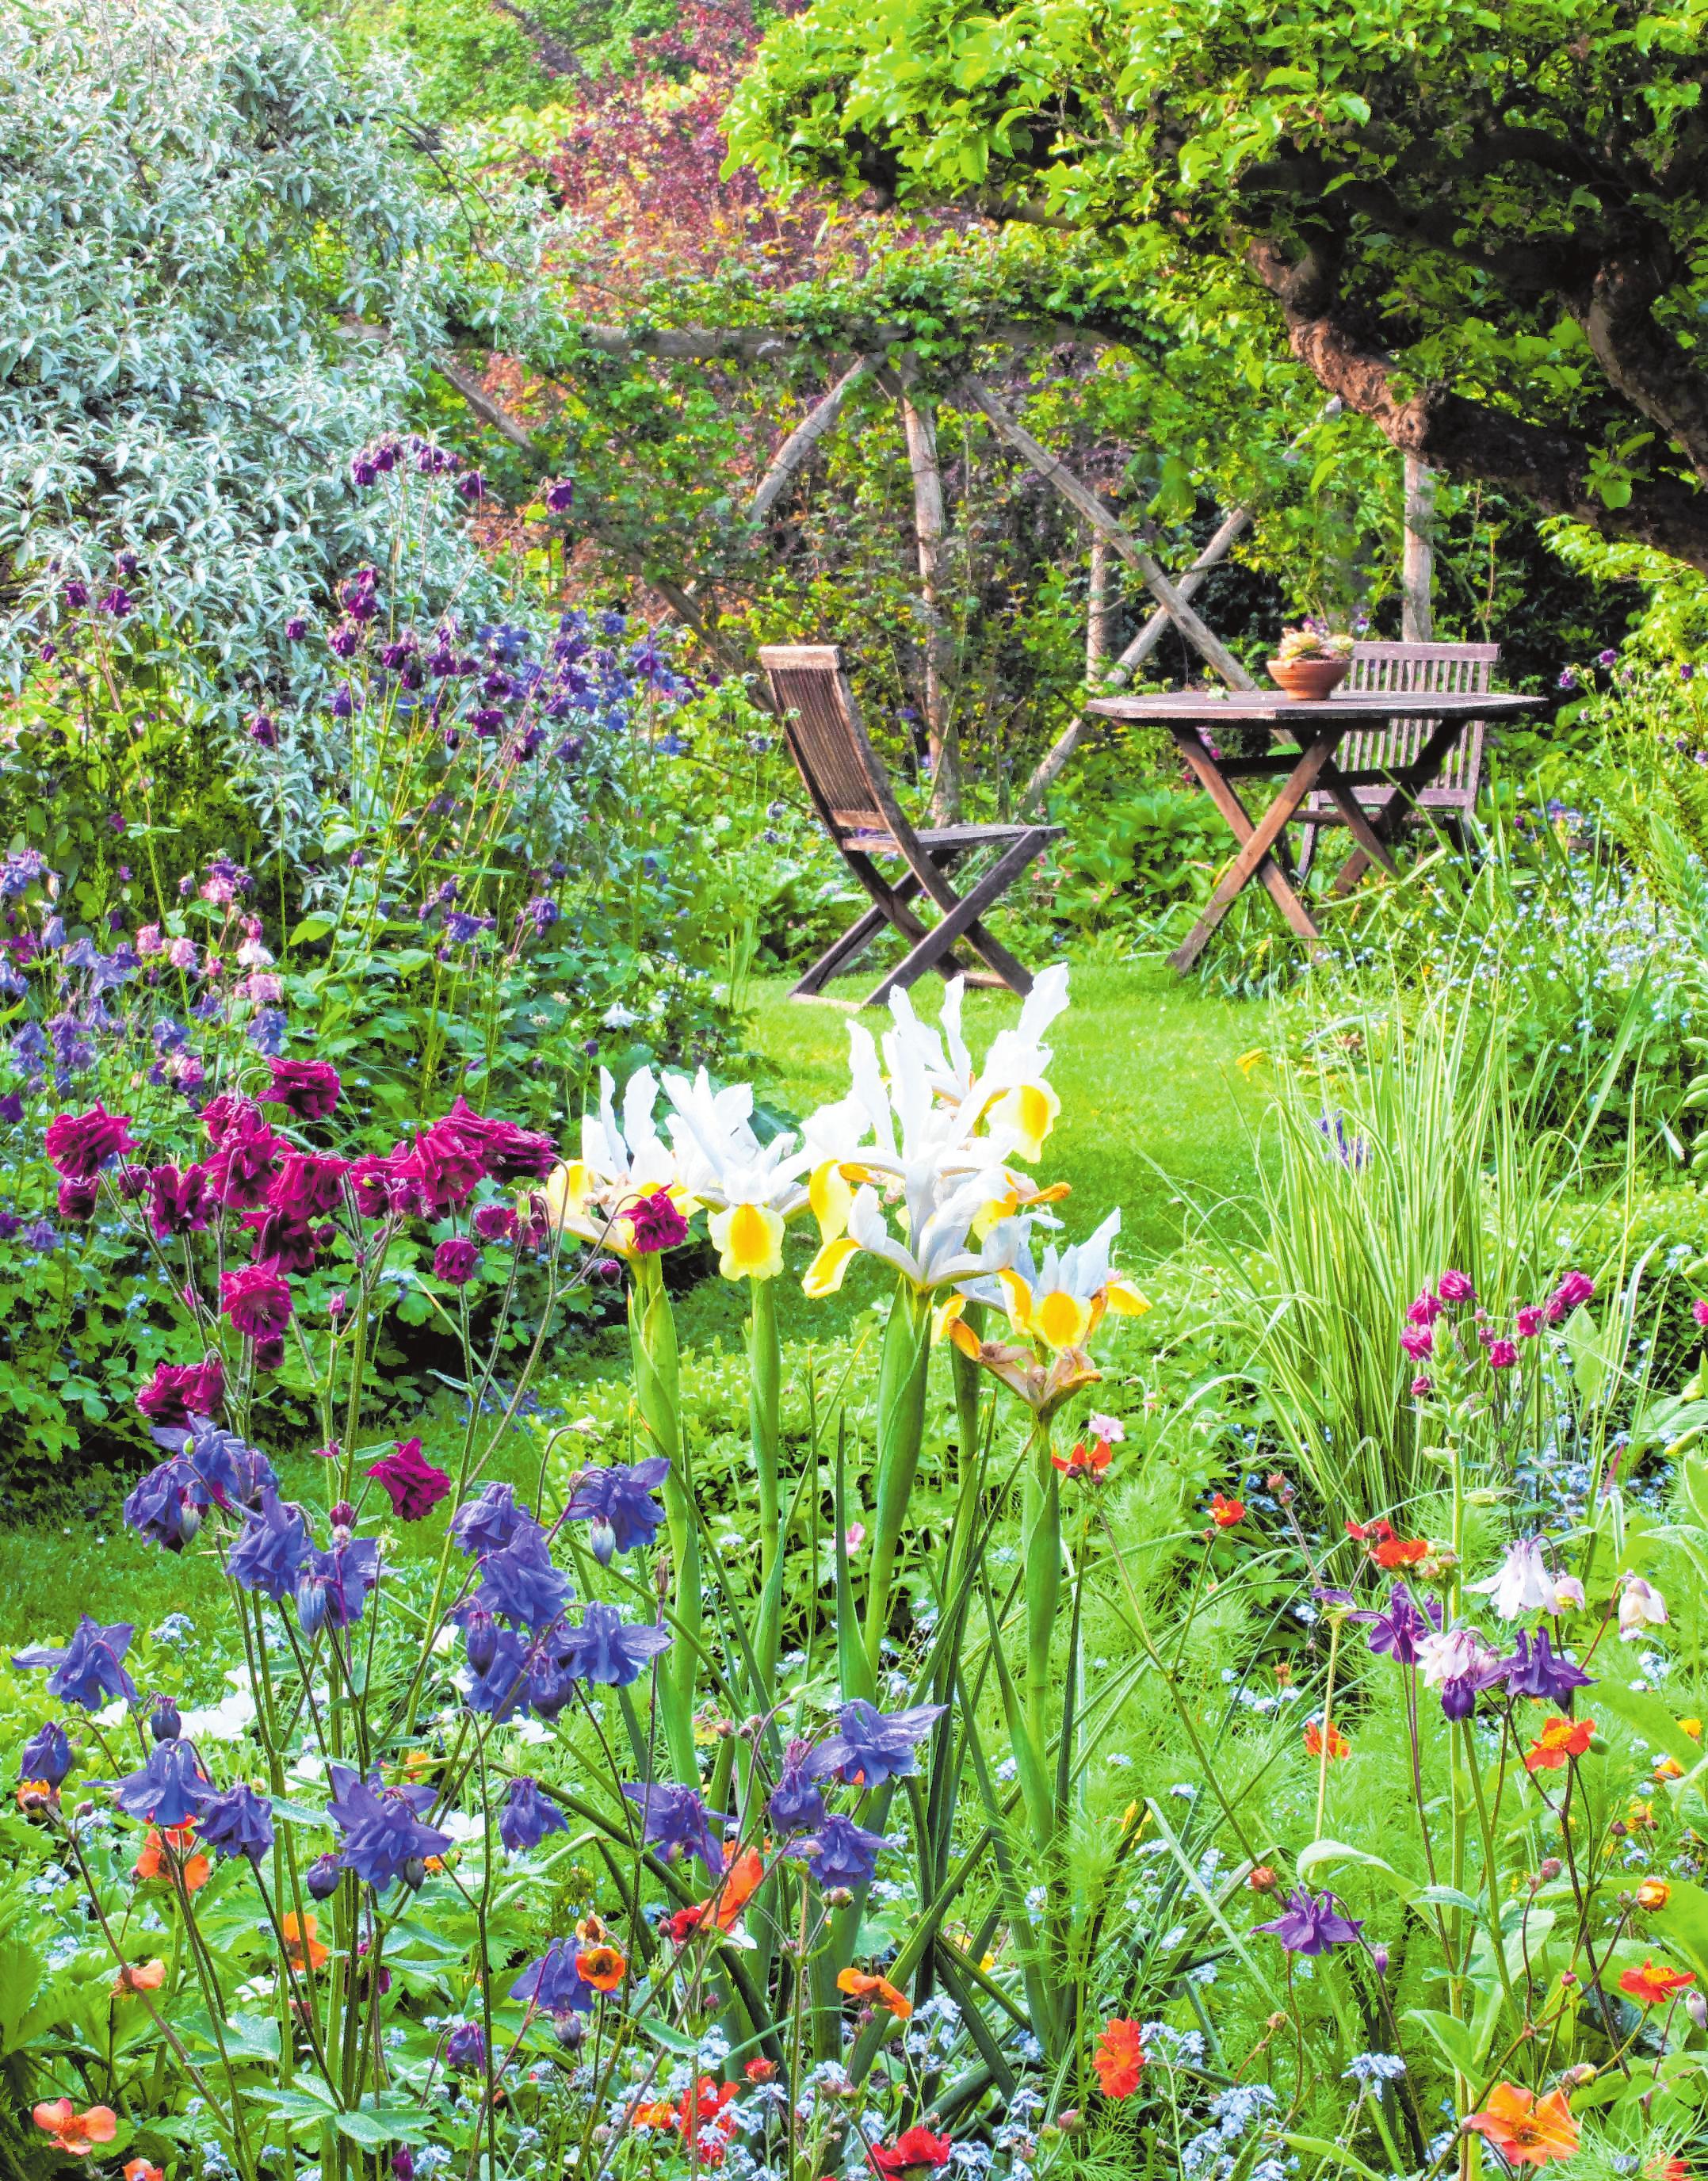 Im Cottage-Garten werden durchgängige Sichtachsen vermieden, so dass jedes Eckchen des Gartens eine Überraschung bieten könnte, die man erst beim Betreten sieht.